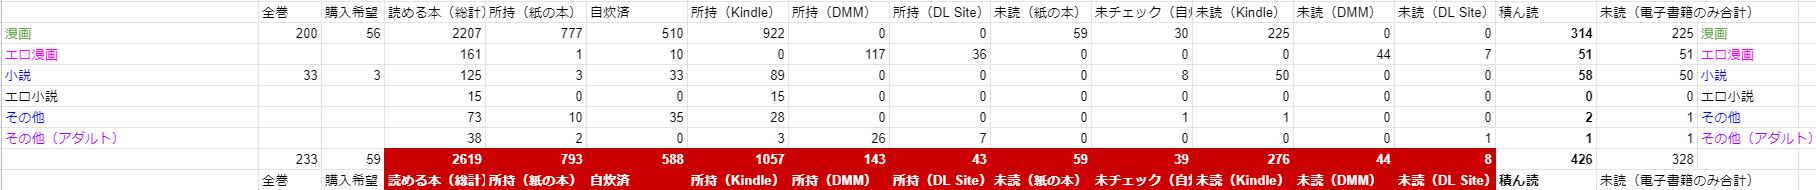 tsumihon-2021-3.png